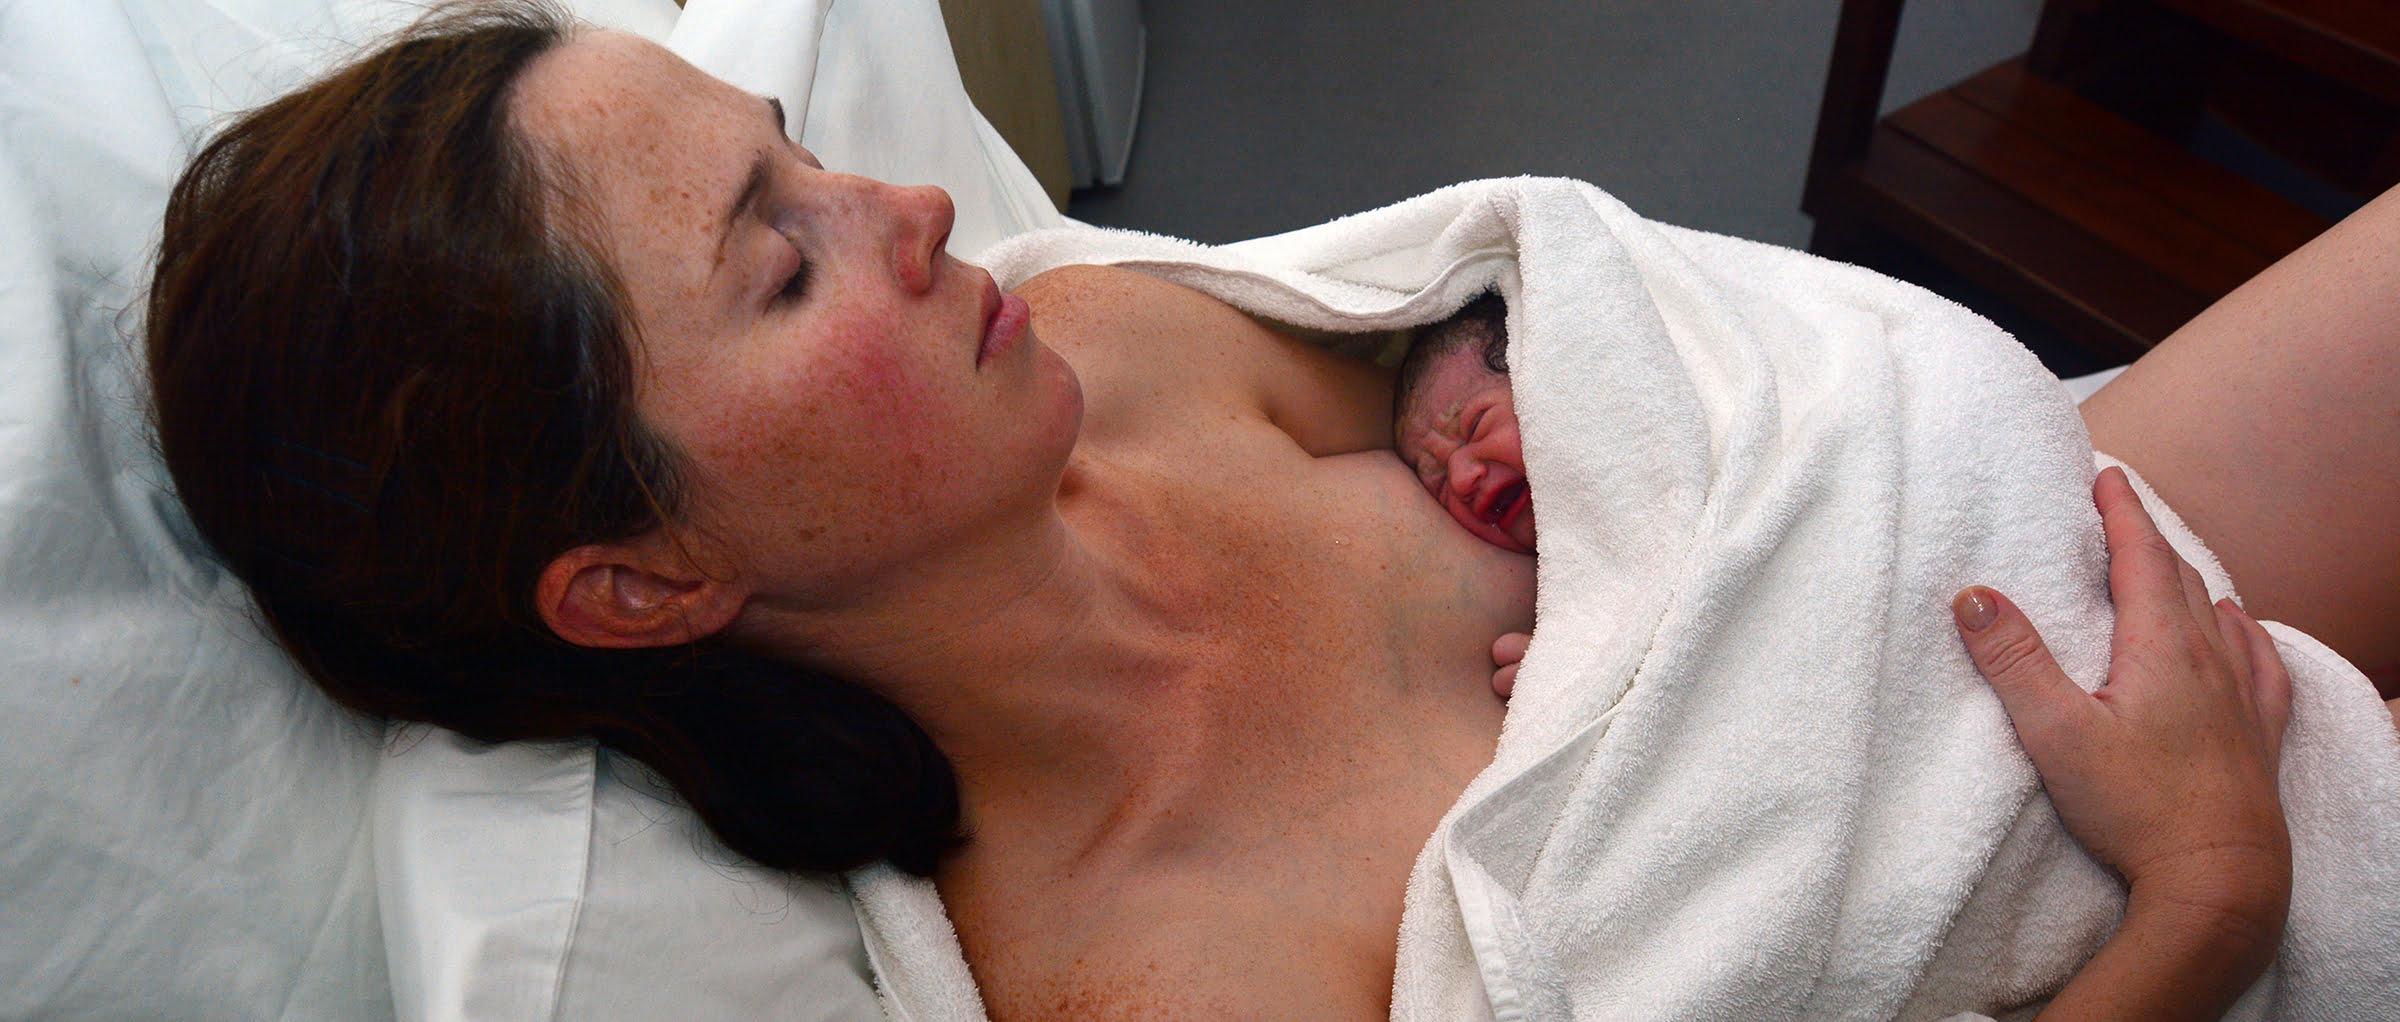 Seguridad del parto en casa